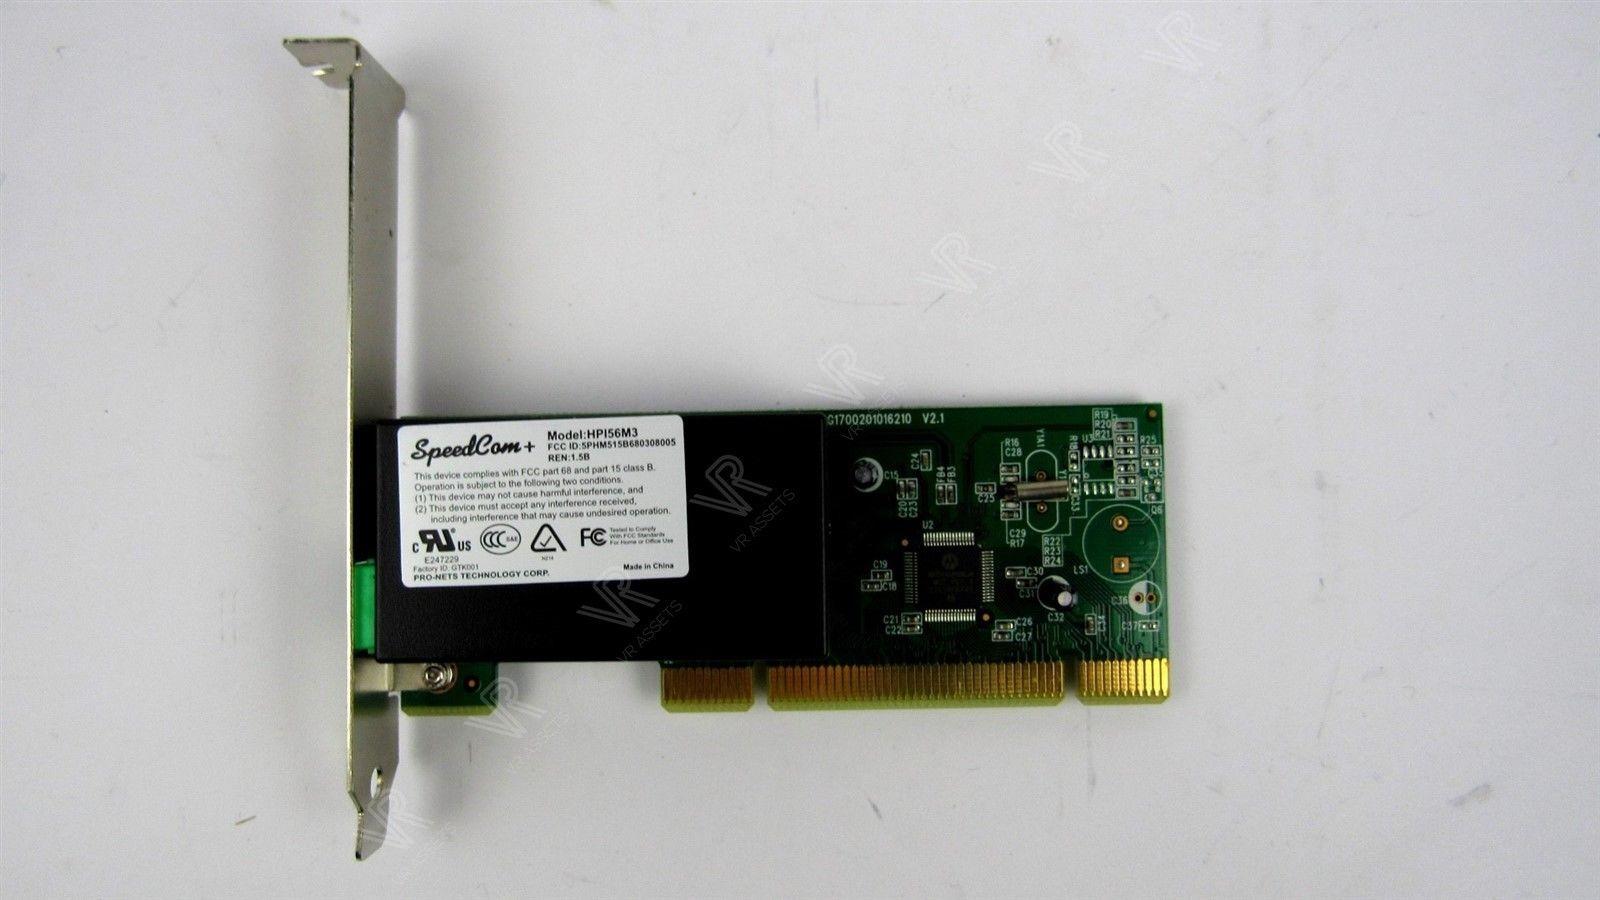 Acer Speedcam HP156M3 Voice Win Modem Card V.90 PCI 56K G1700201016210